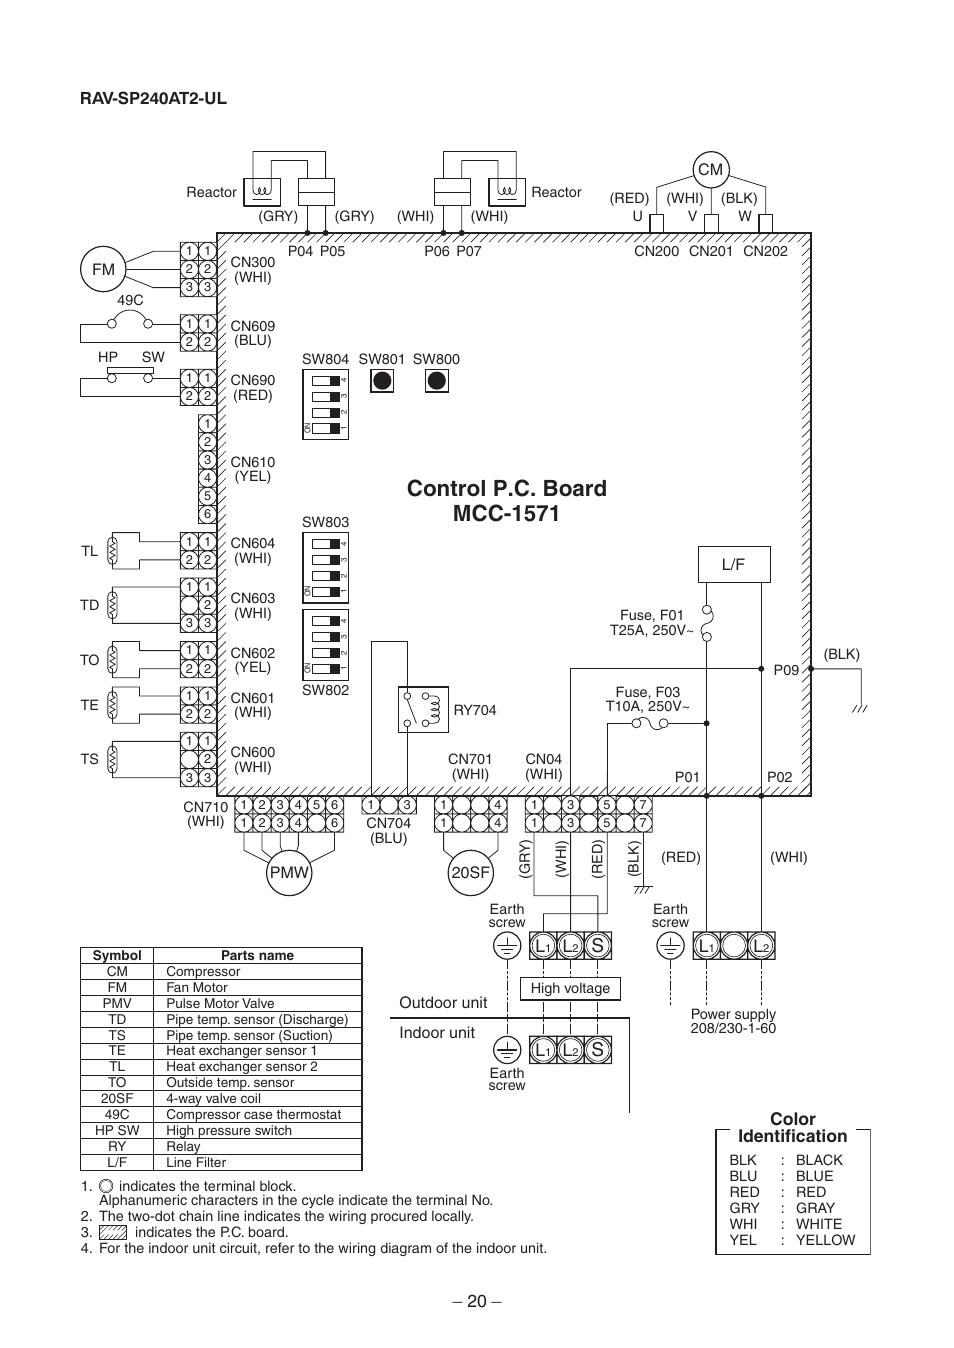 Control p.c. board mcc-1571, Color identification